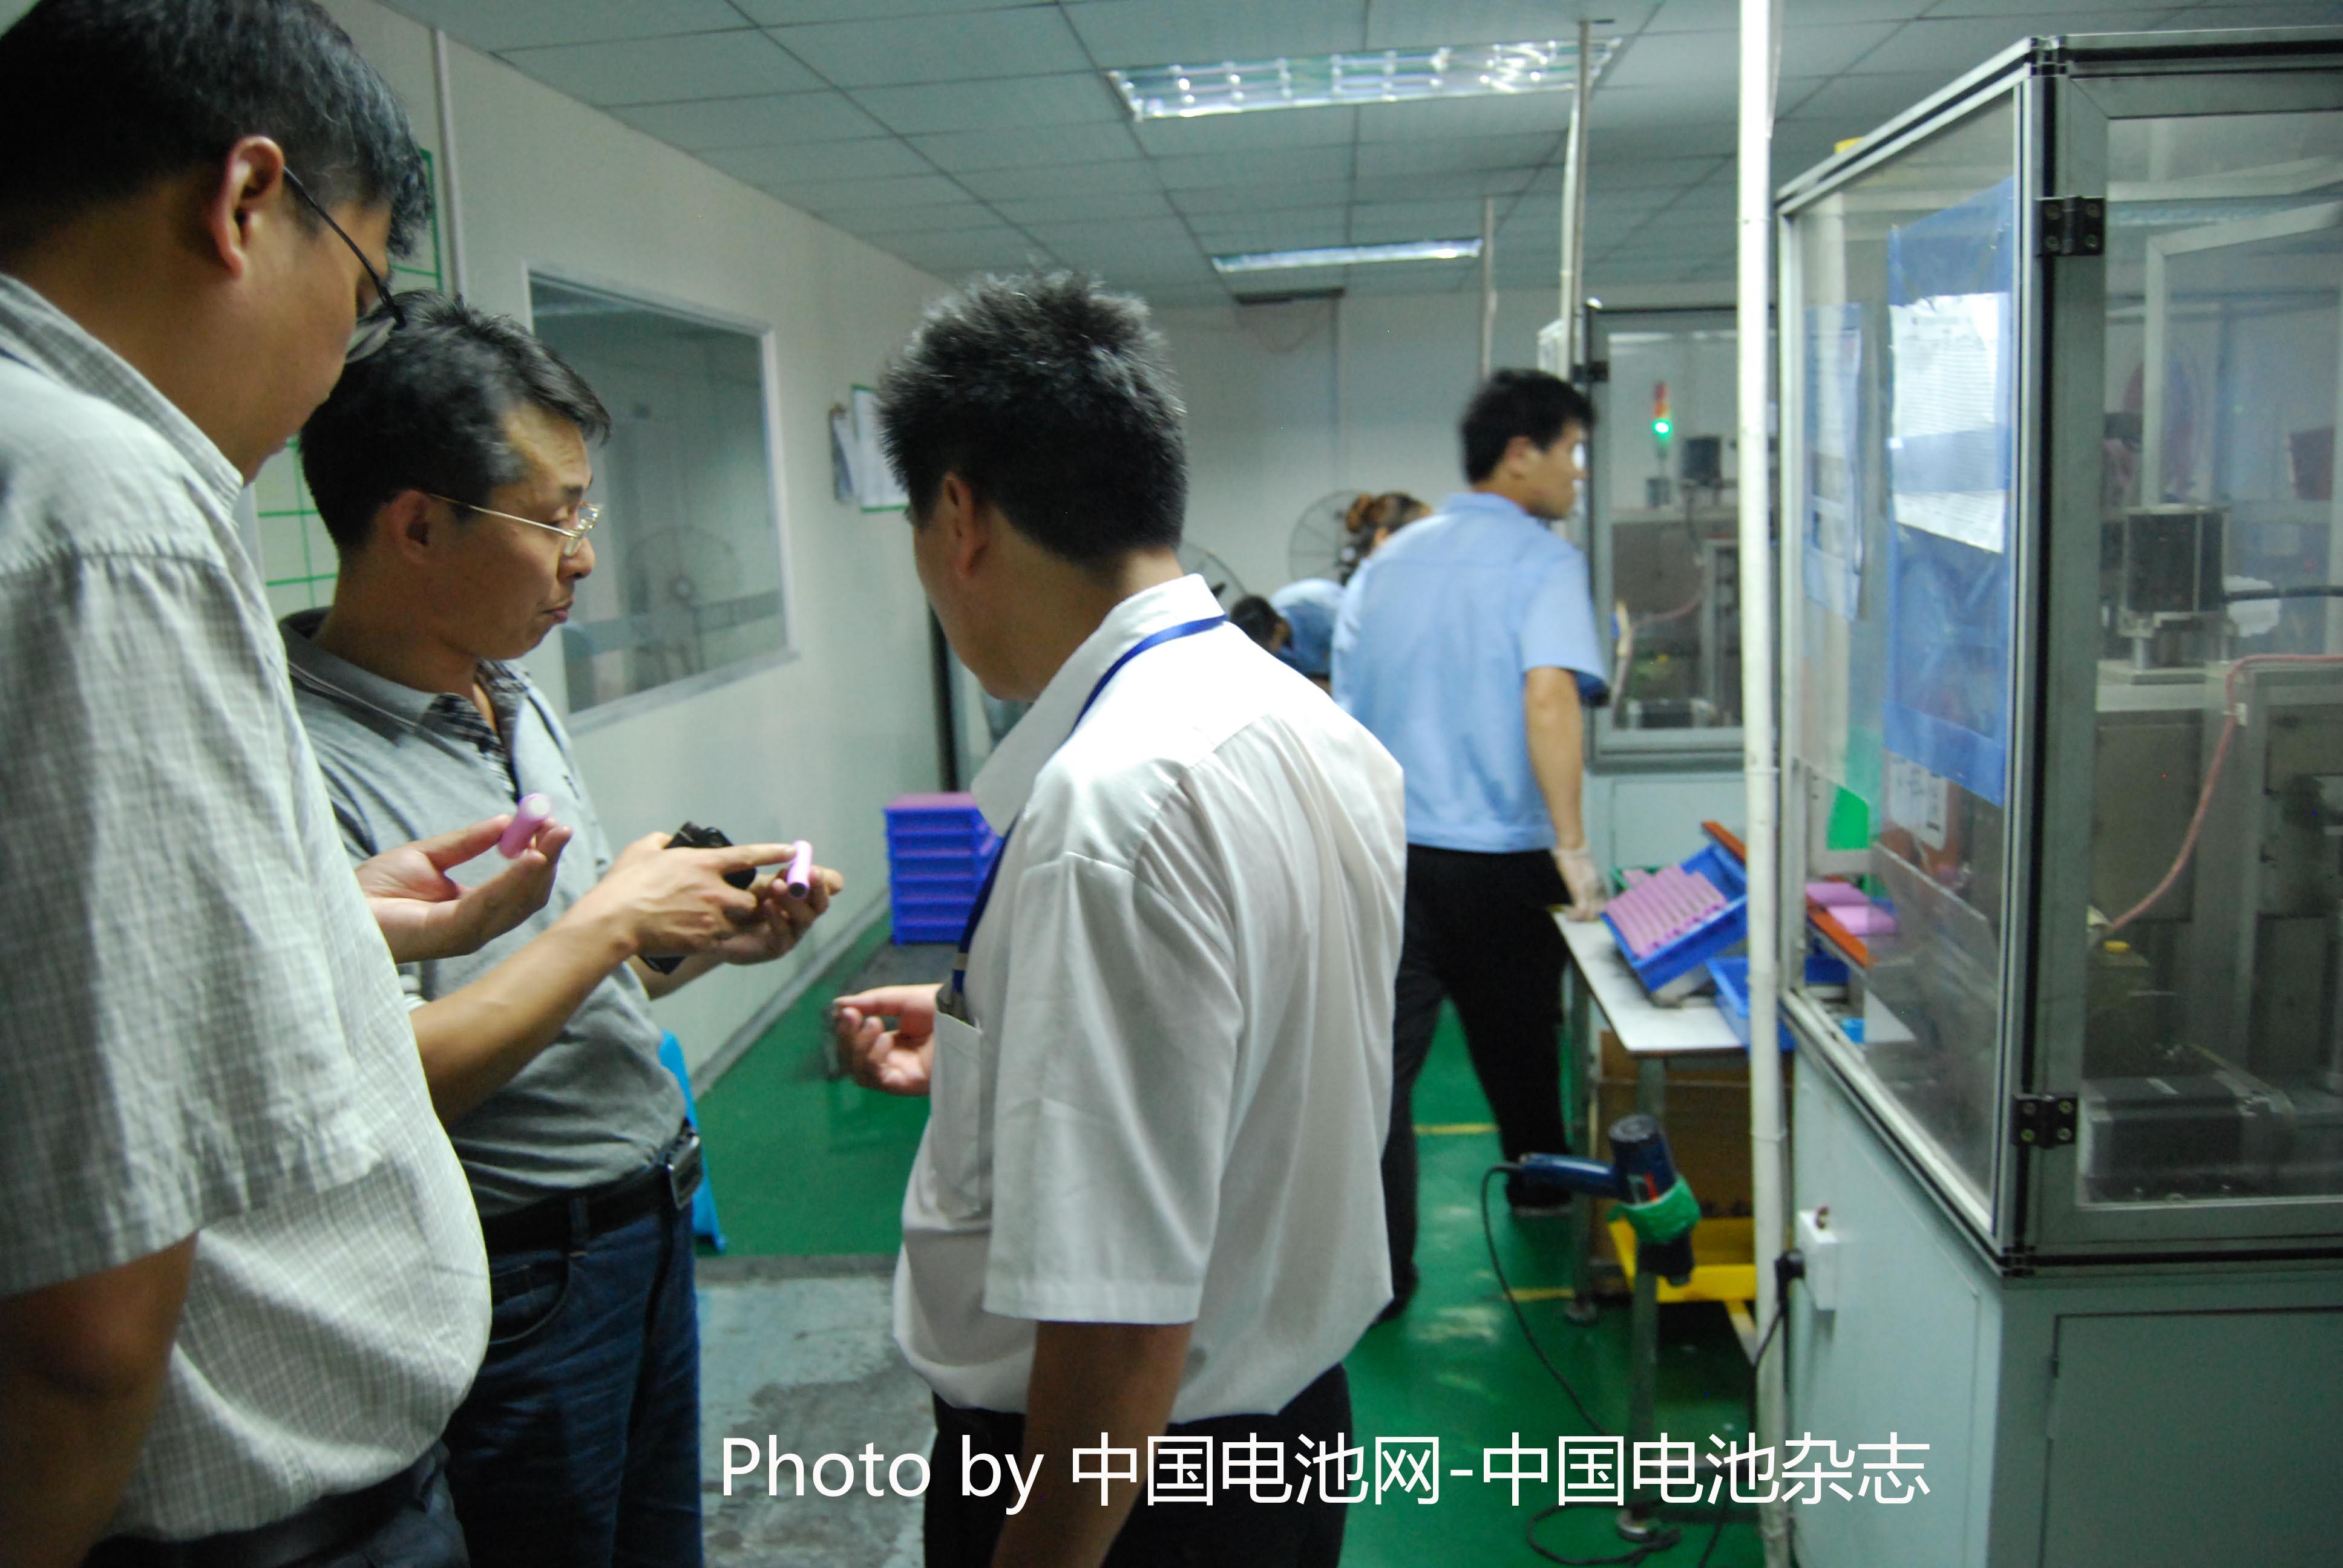 智慧能源:众泰云100旺销  利好福斯特动力电池业务